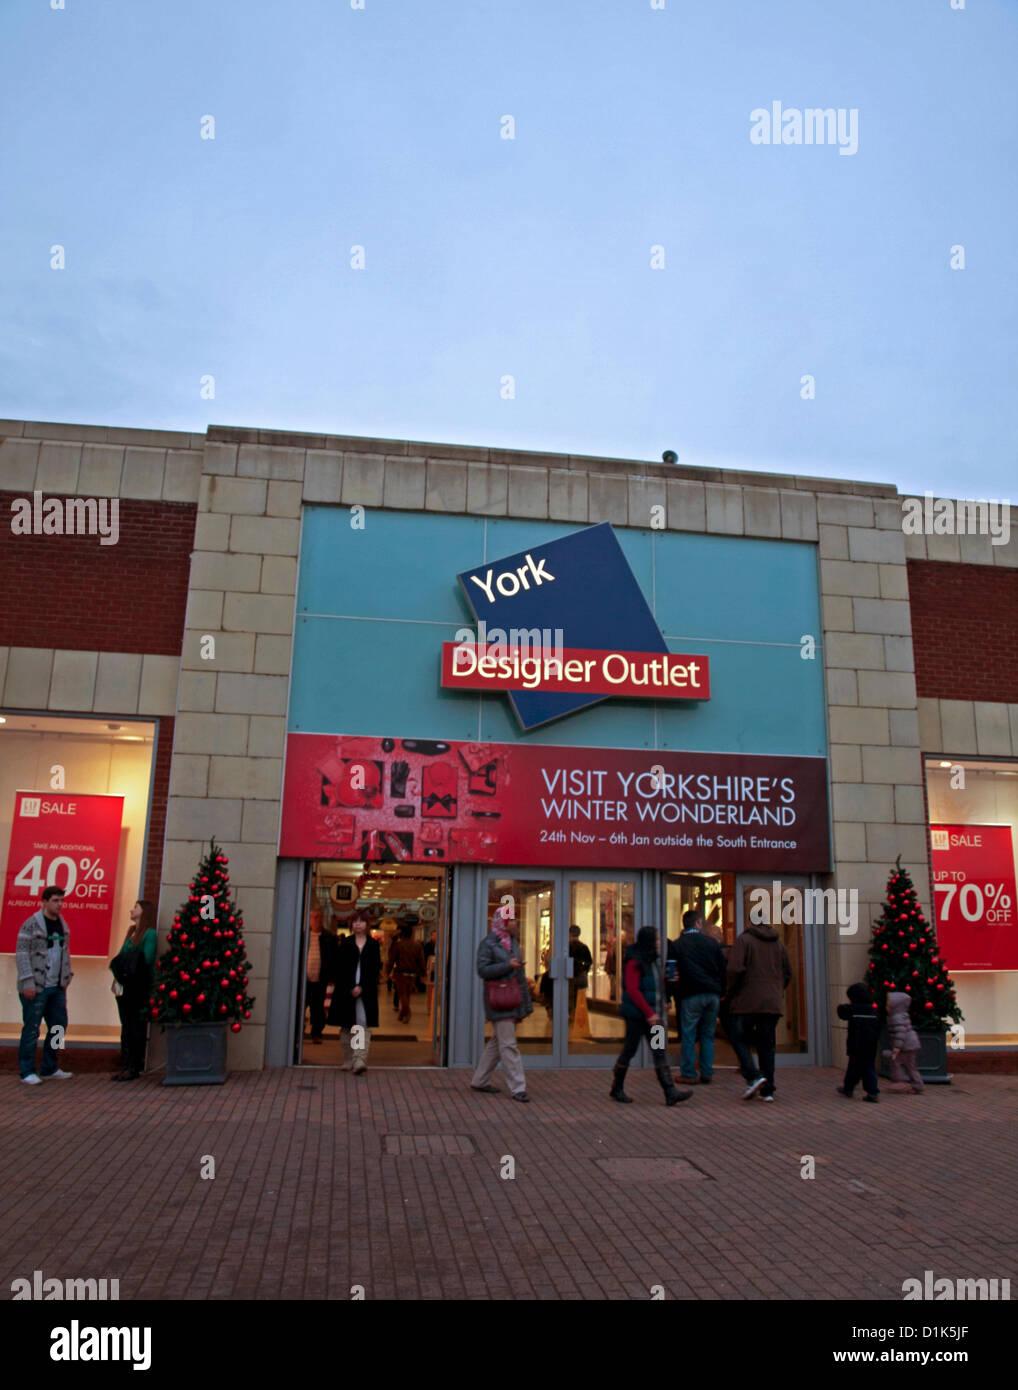 043af56c2fa31e Facade of York Designer Outlet